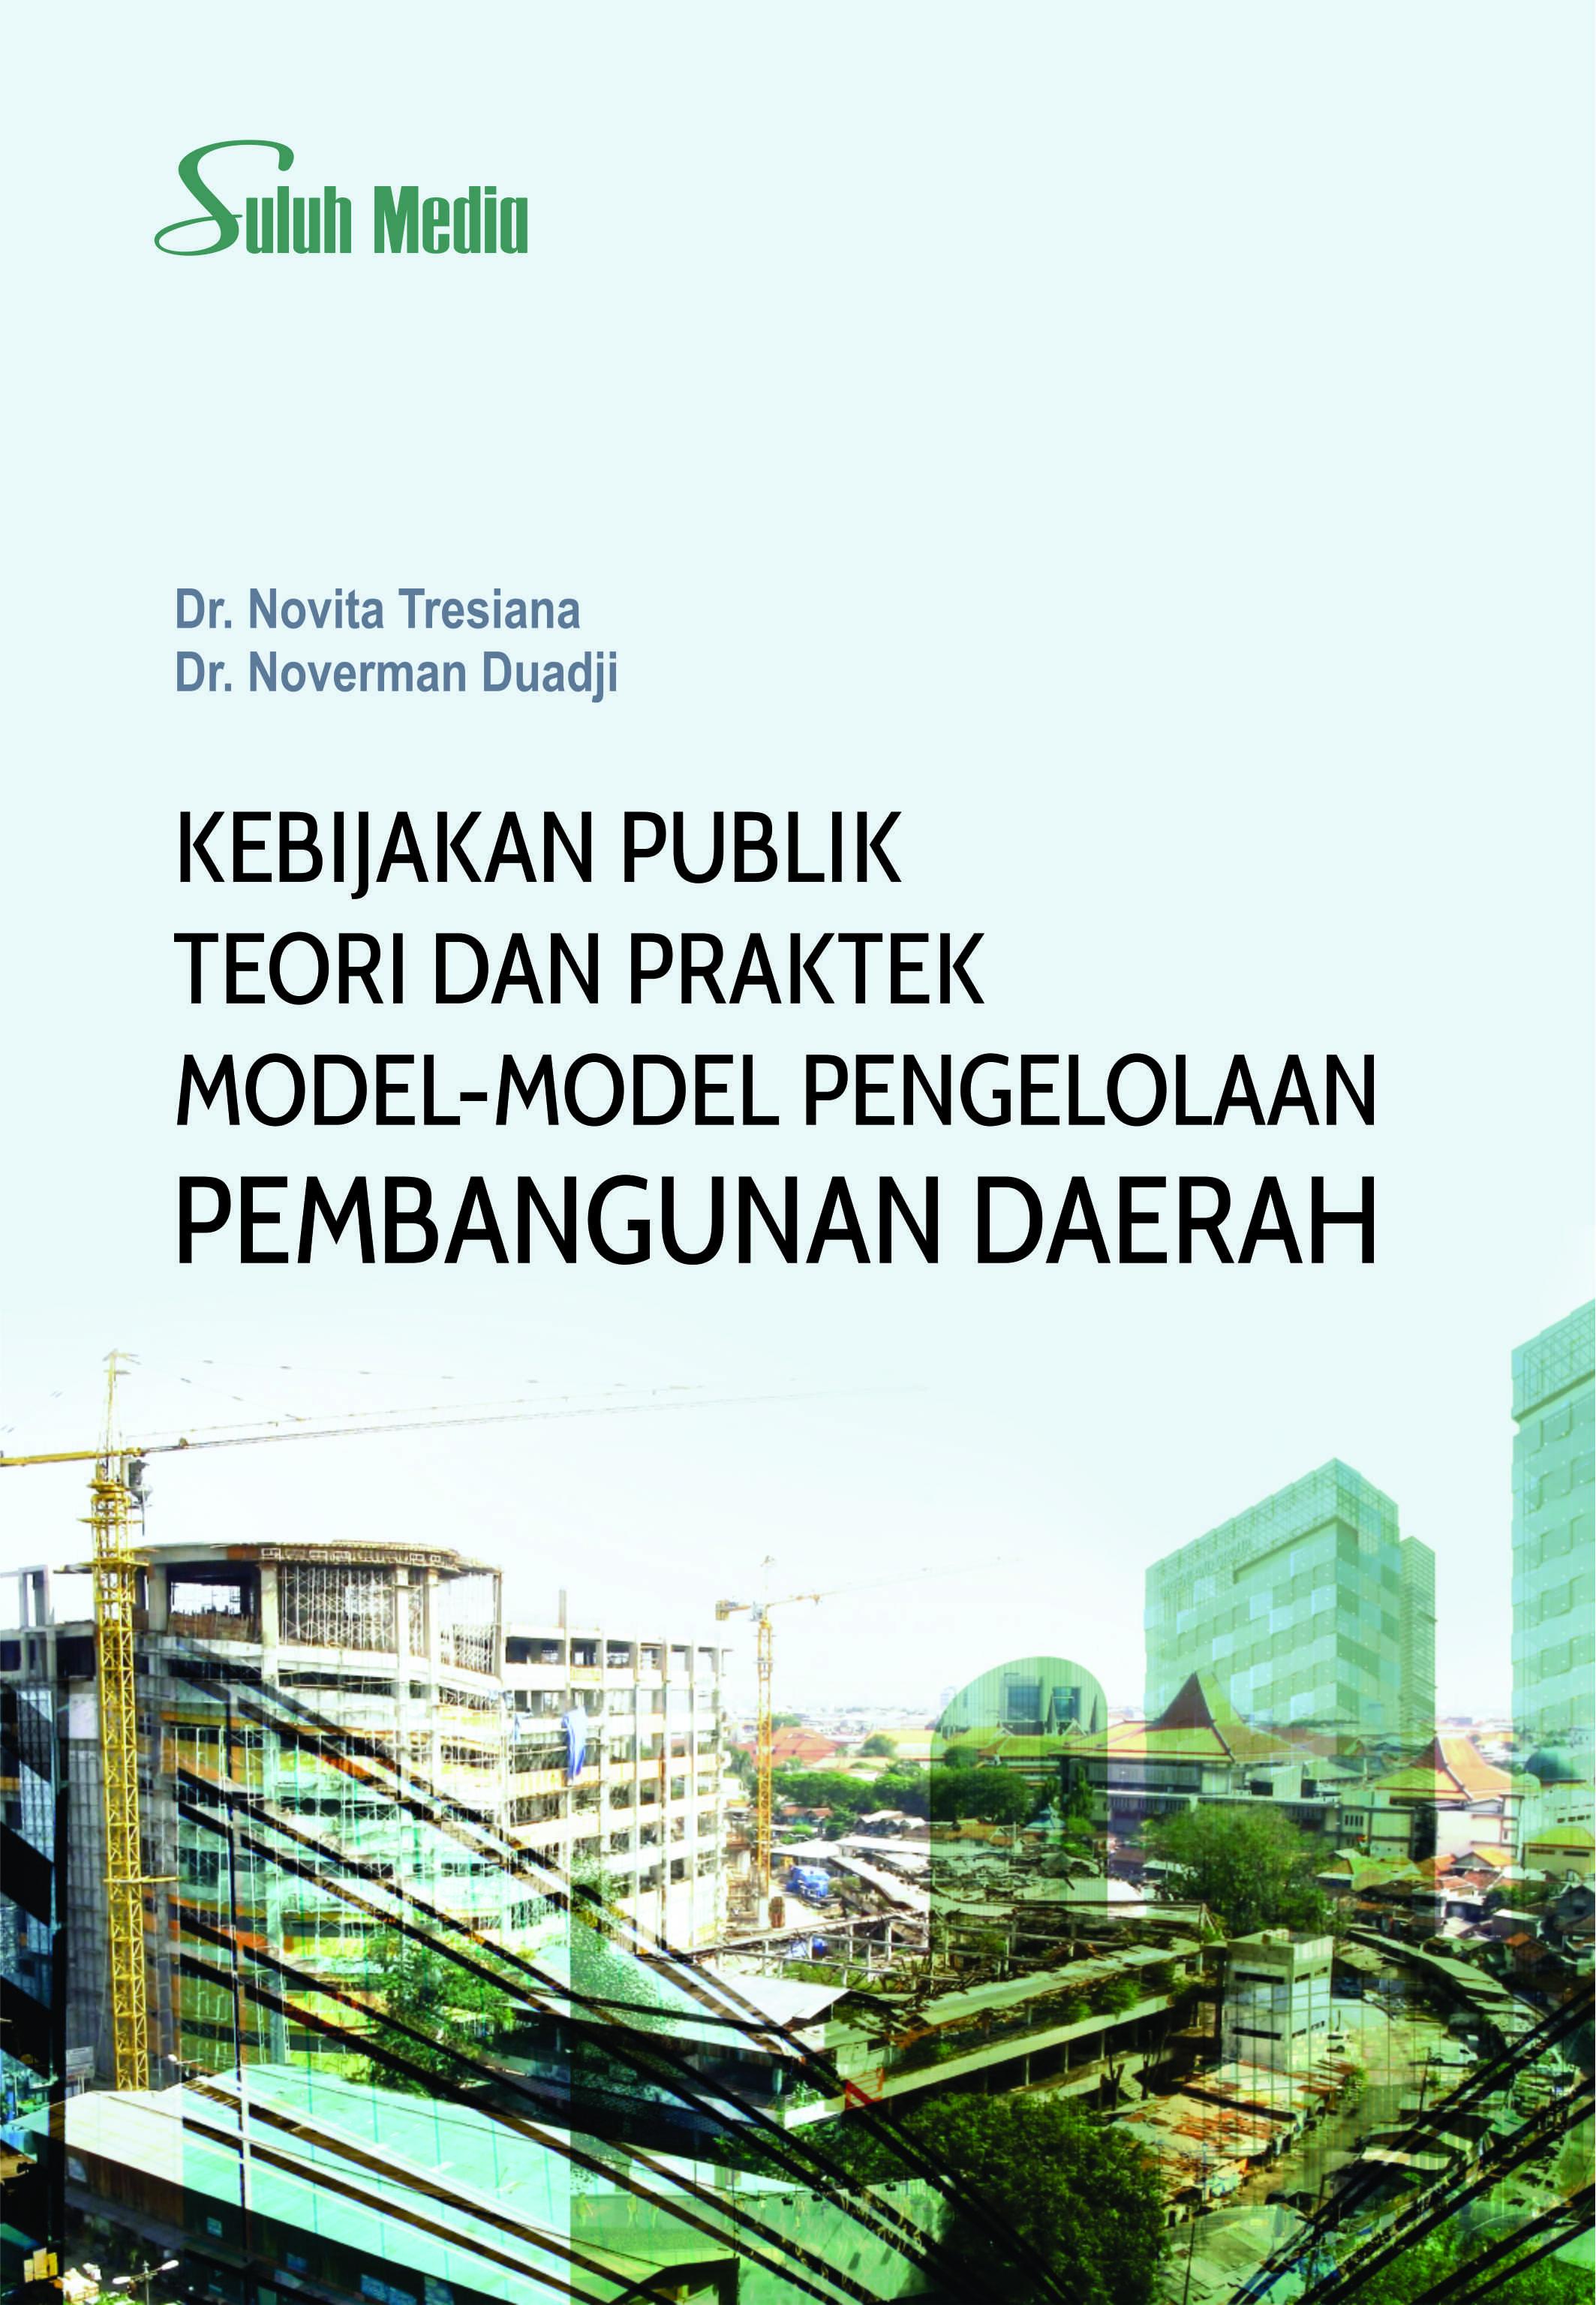 Kebijakan publik : teori dan praktek model-model pengelolaan pembangunan daerah